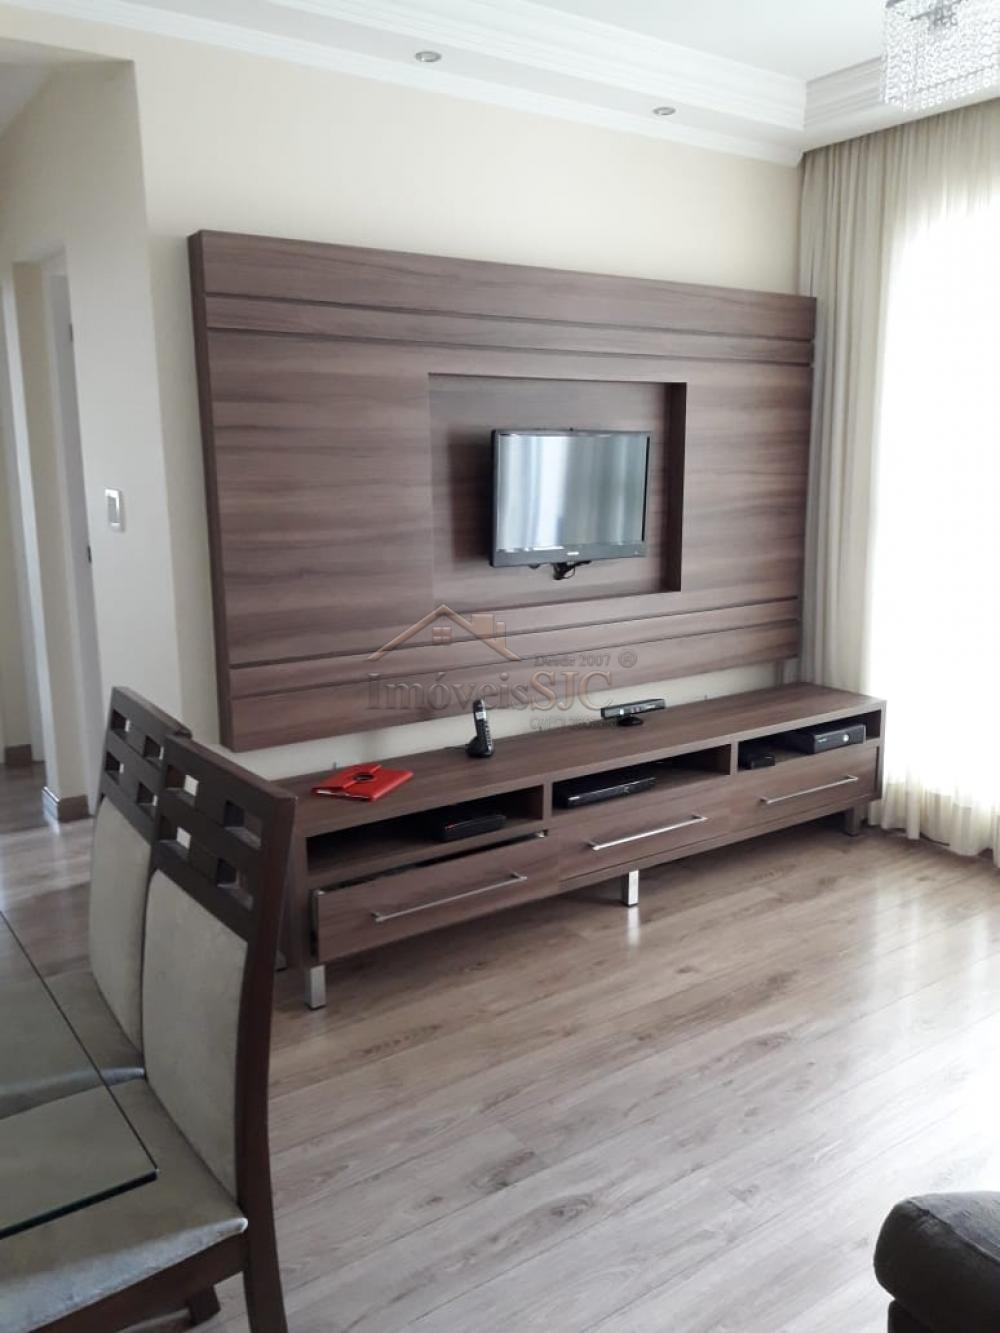 Comprar Apartamentos / Padrão em São José dos Campos apenas R$ 380.000,00 - Foto 2